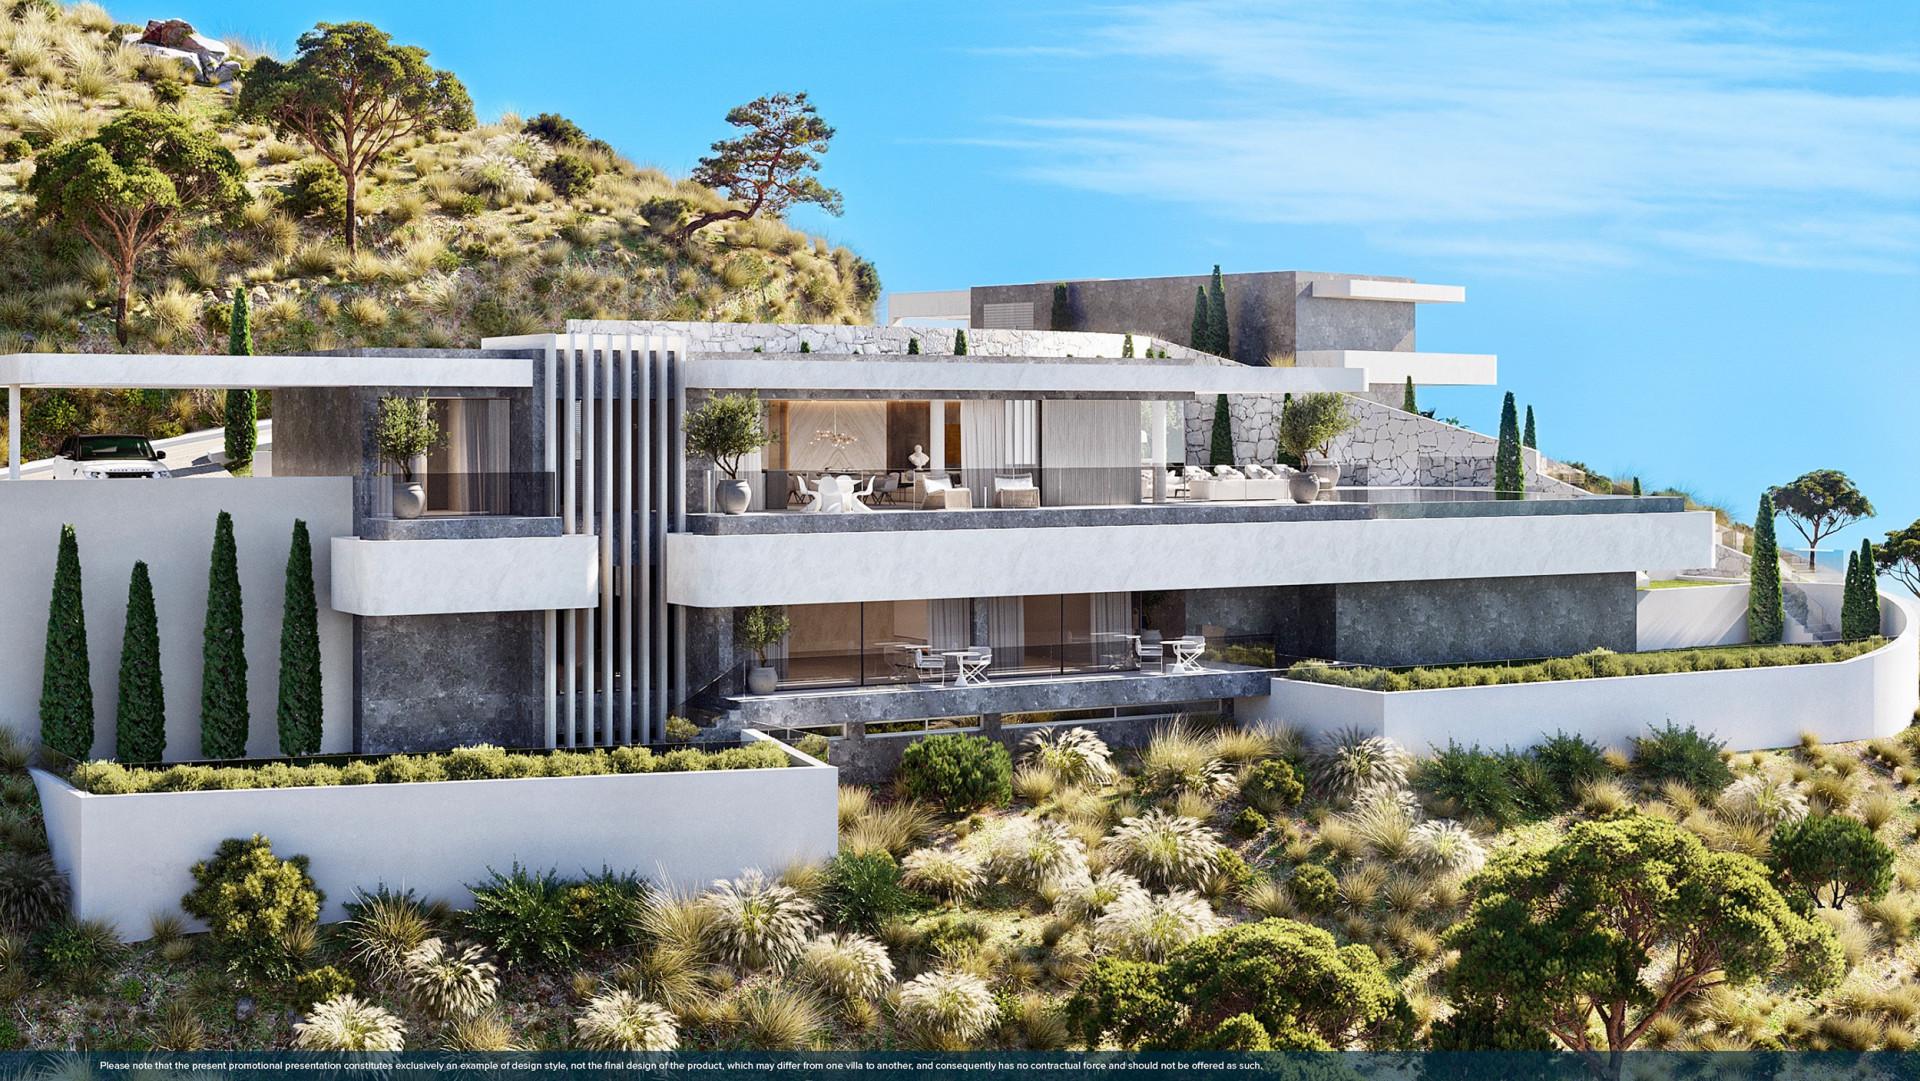 Gloednieuwe luxe moderne villa's te koop in Benahavis